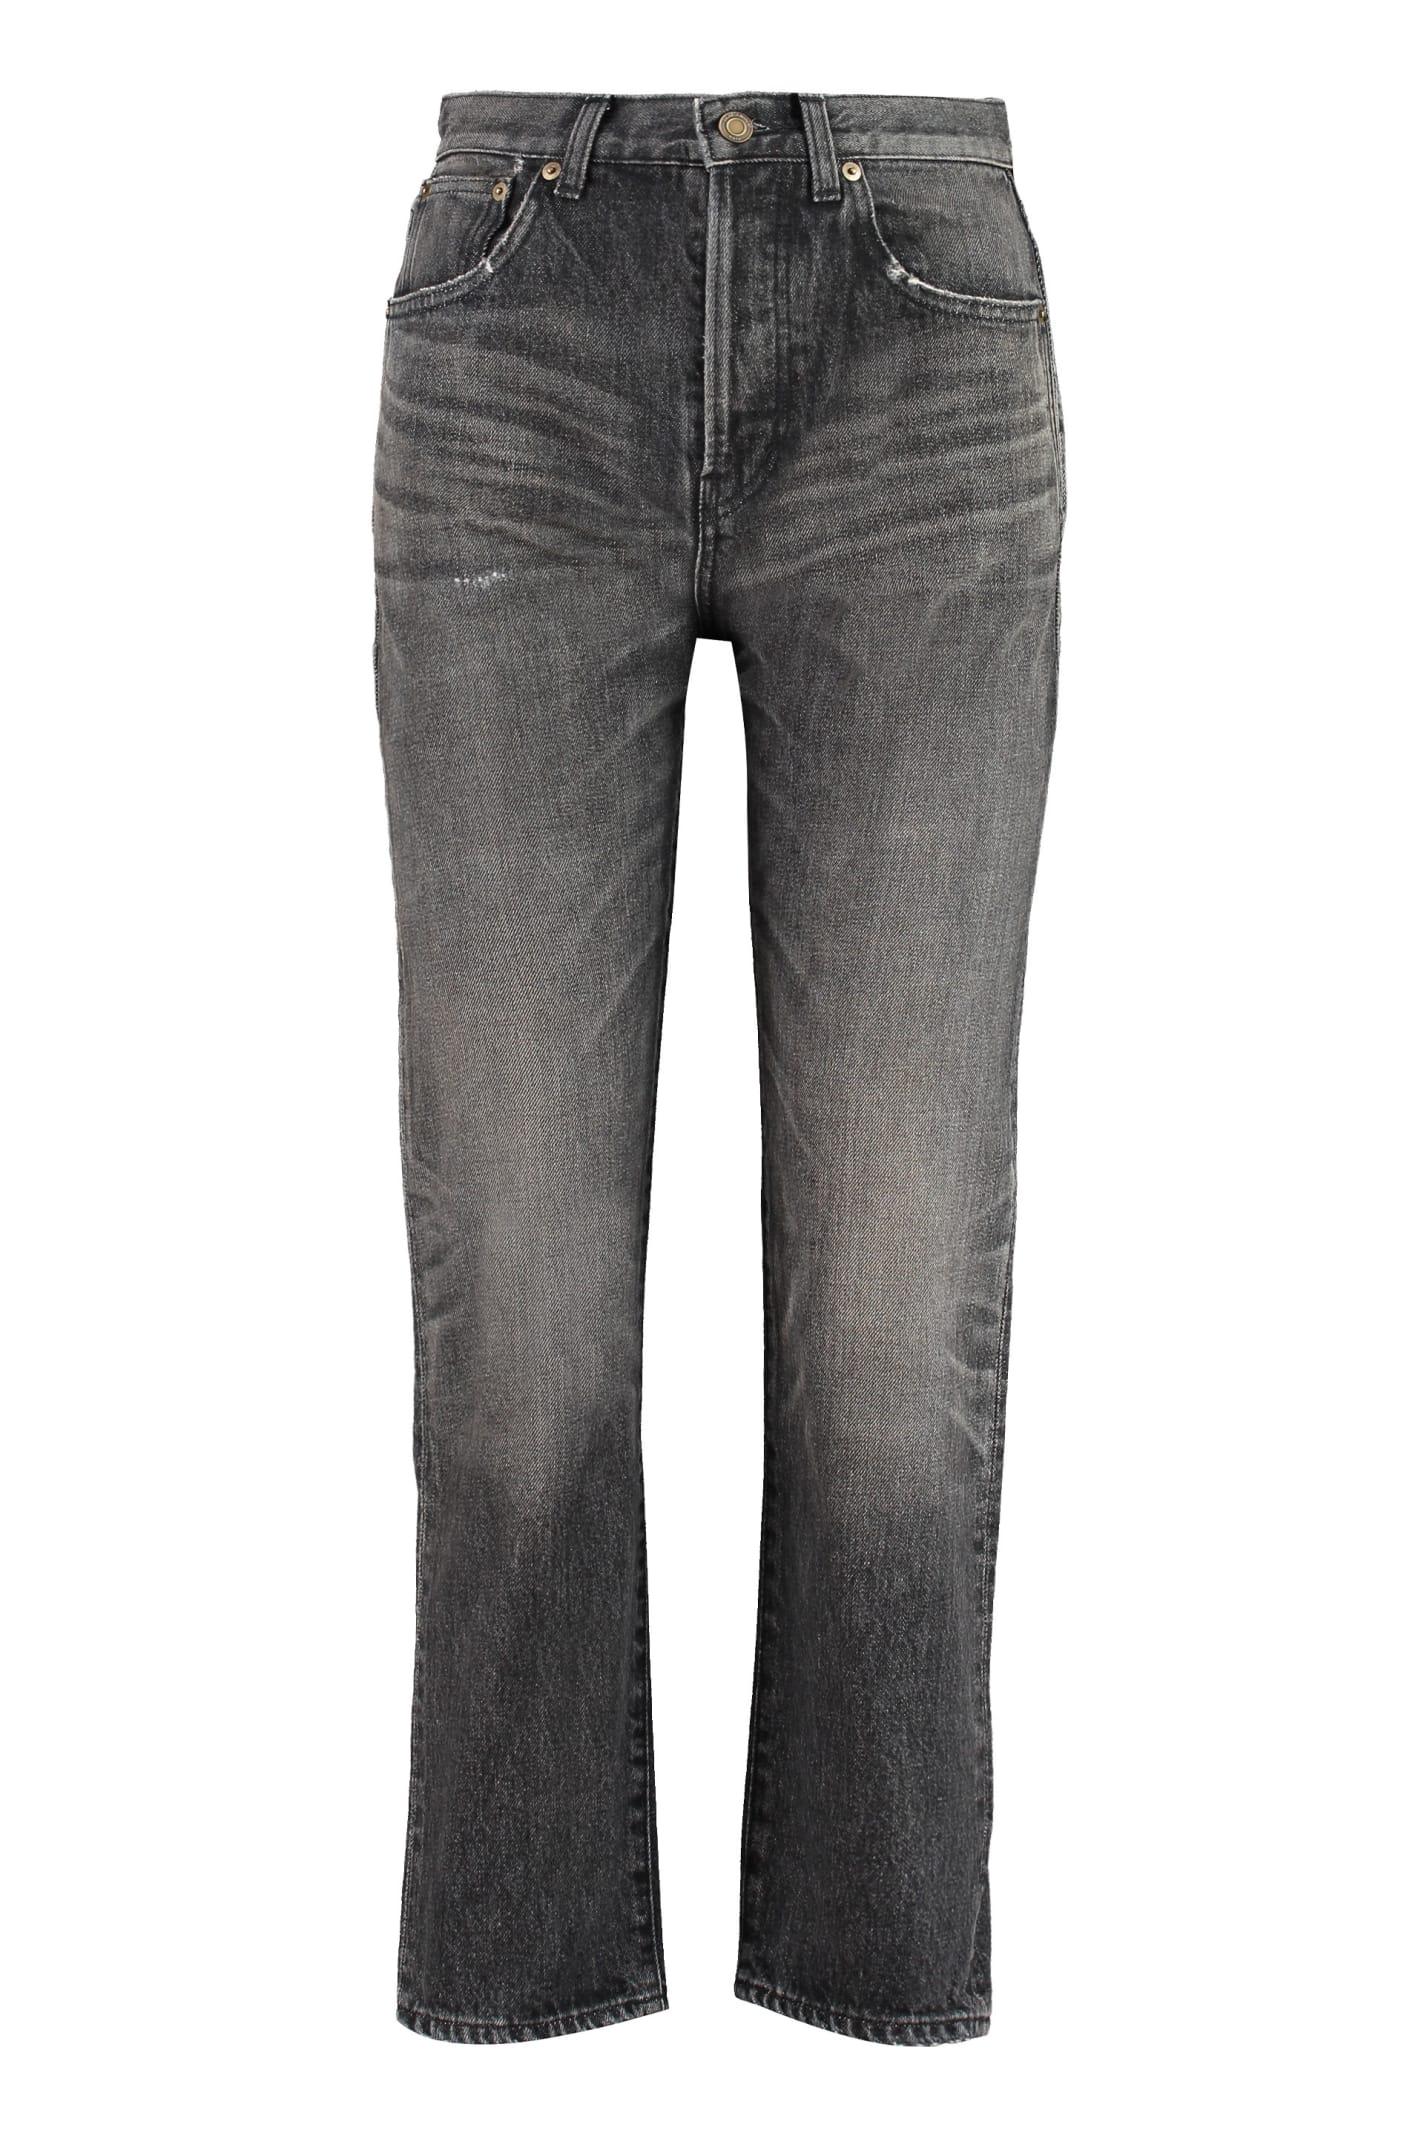 Saint Laurent 5-pocket Slim Fit Jeans